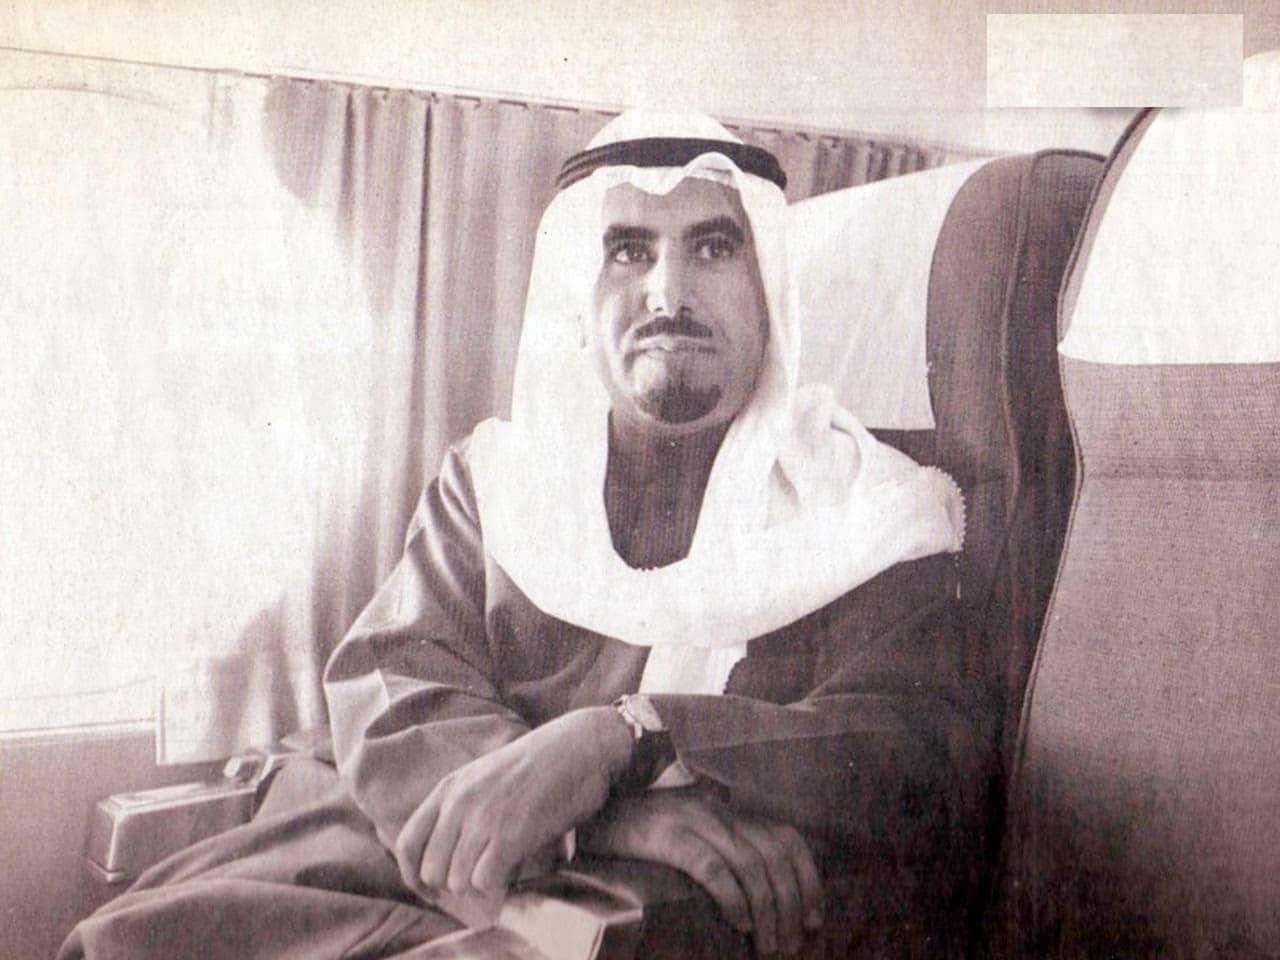 وفاة الشيخة فضاء جابر الأحمد الصباح في ذكرى رحيل والدها